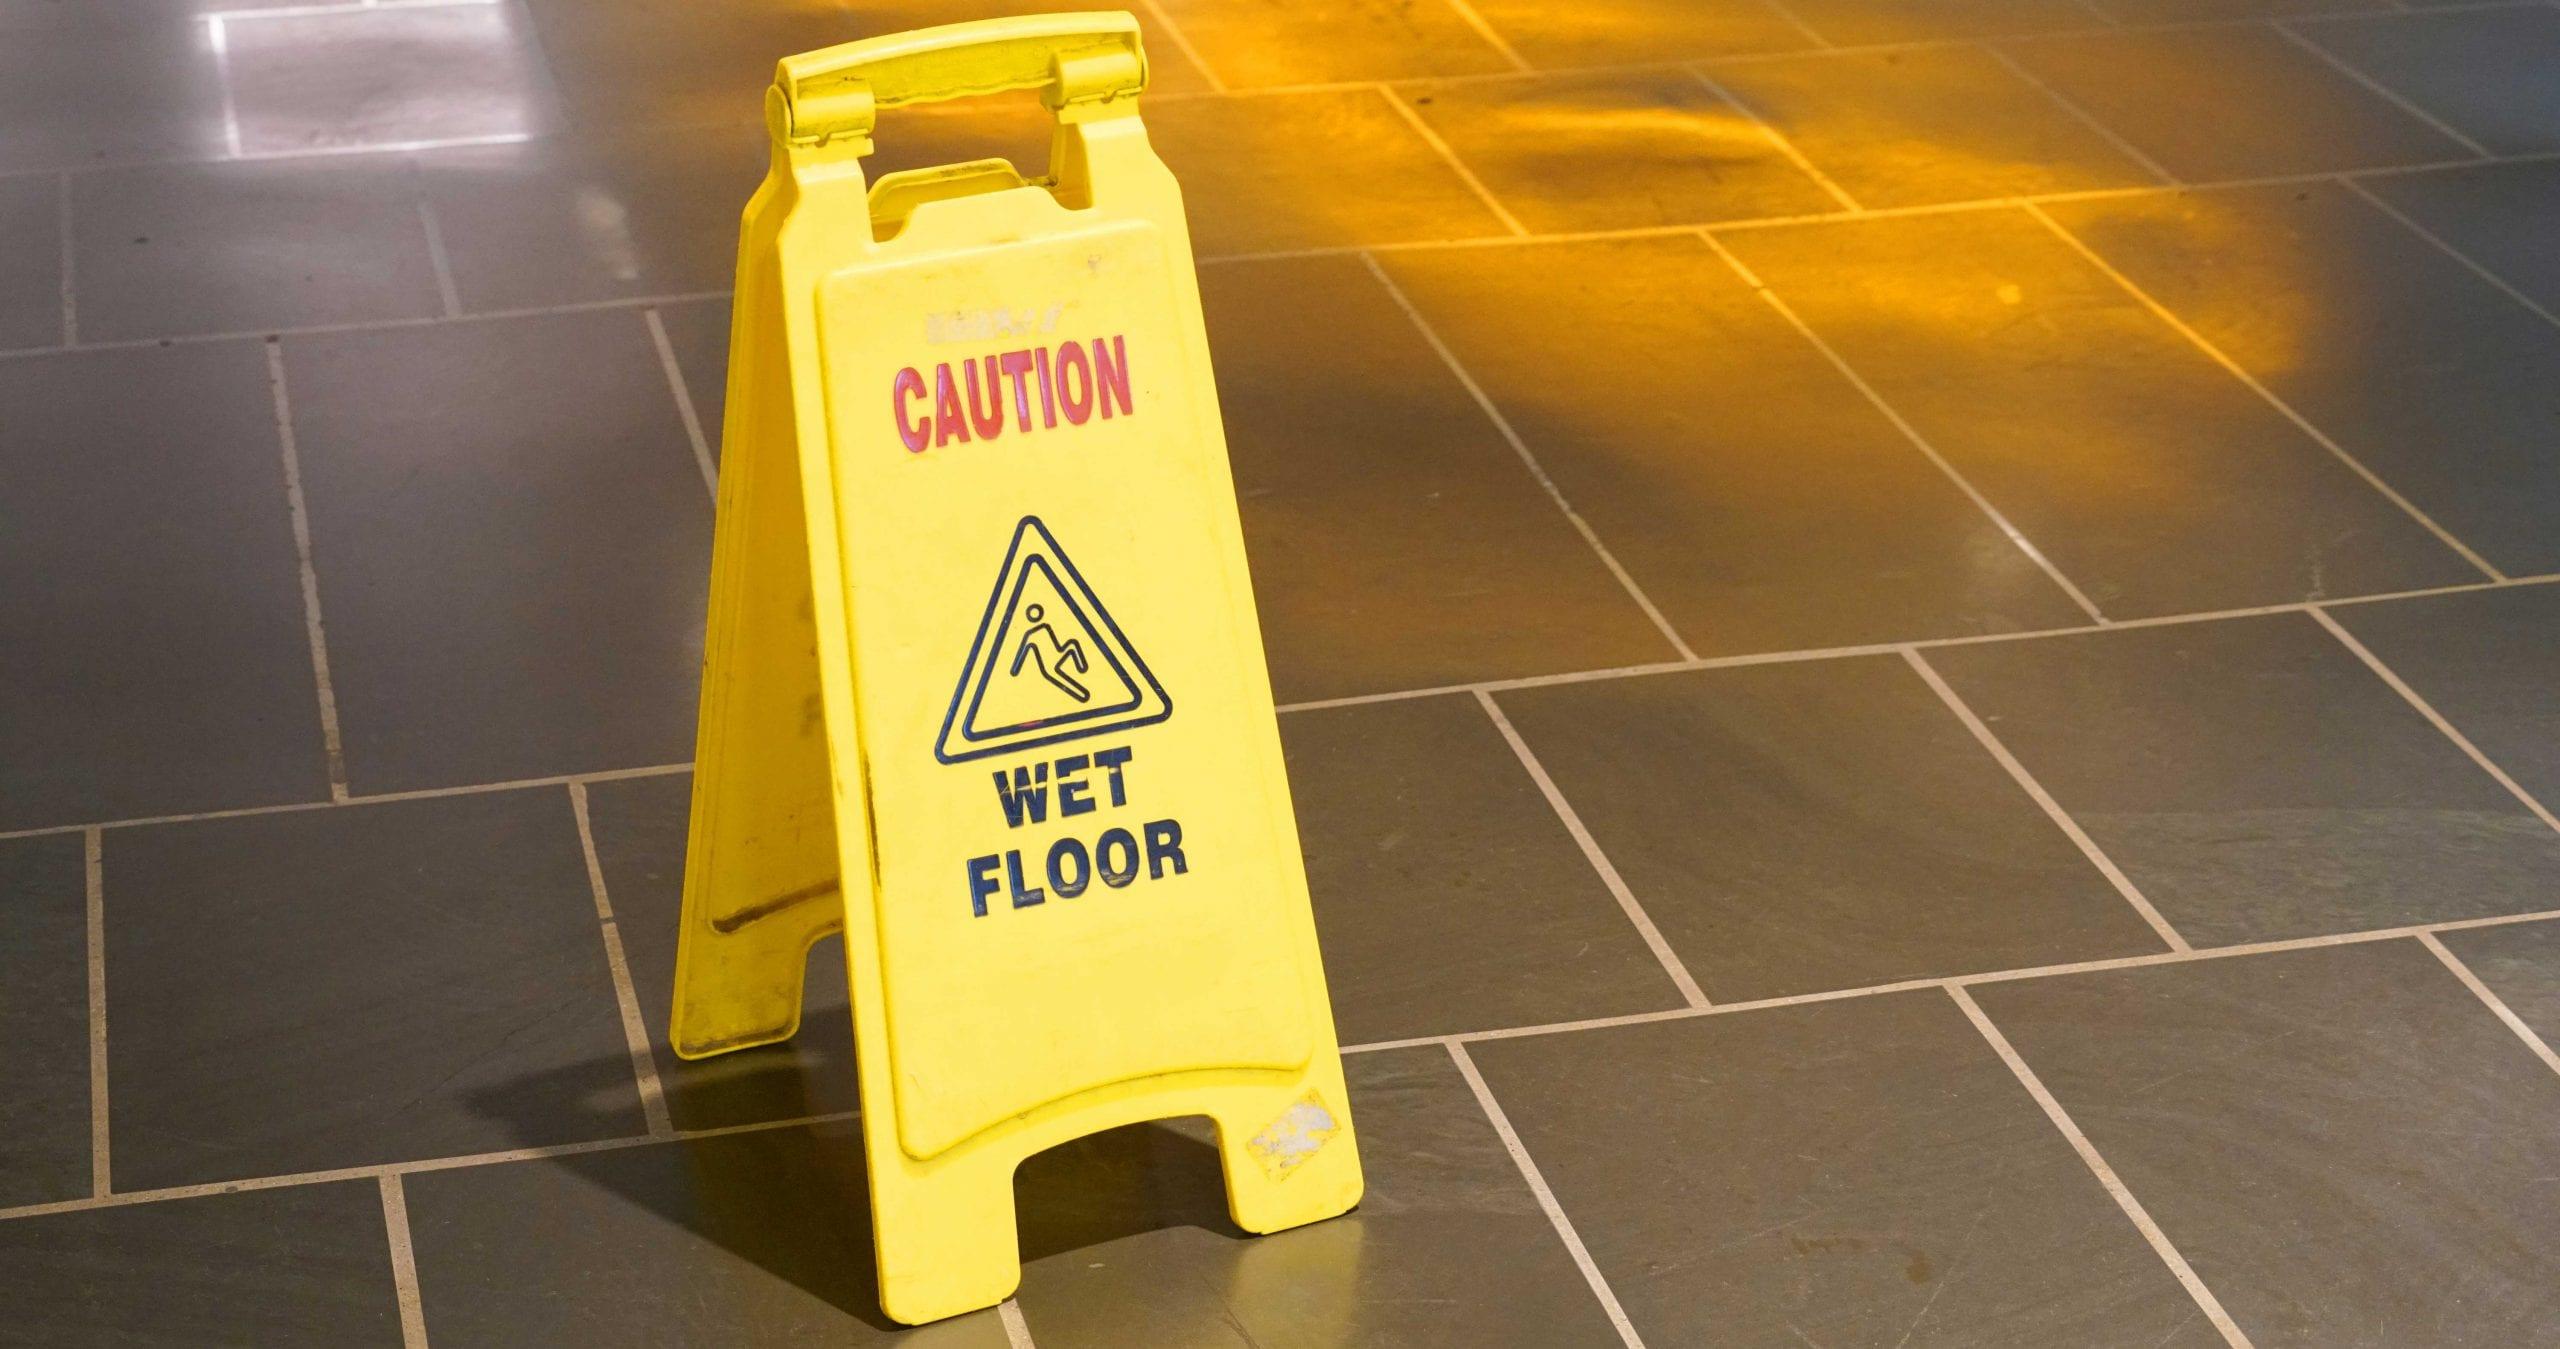 wet floor warehouse caution sign